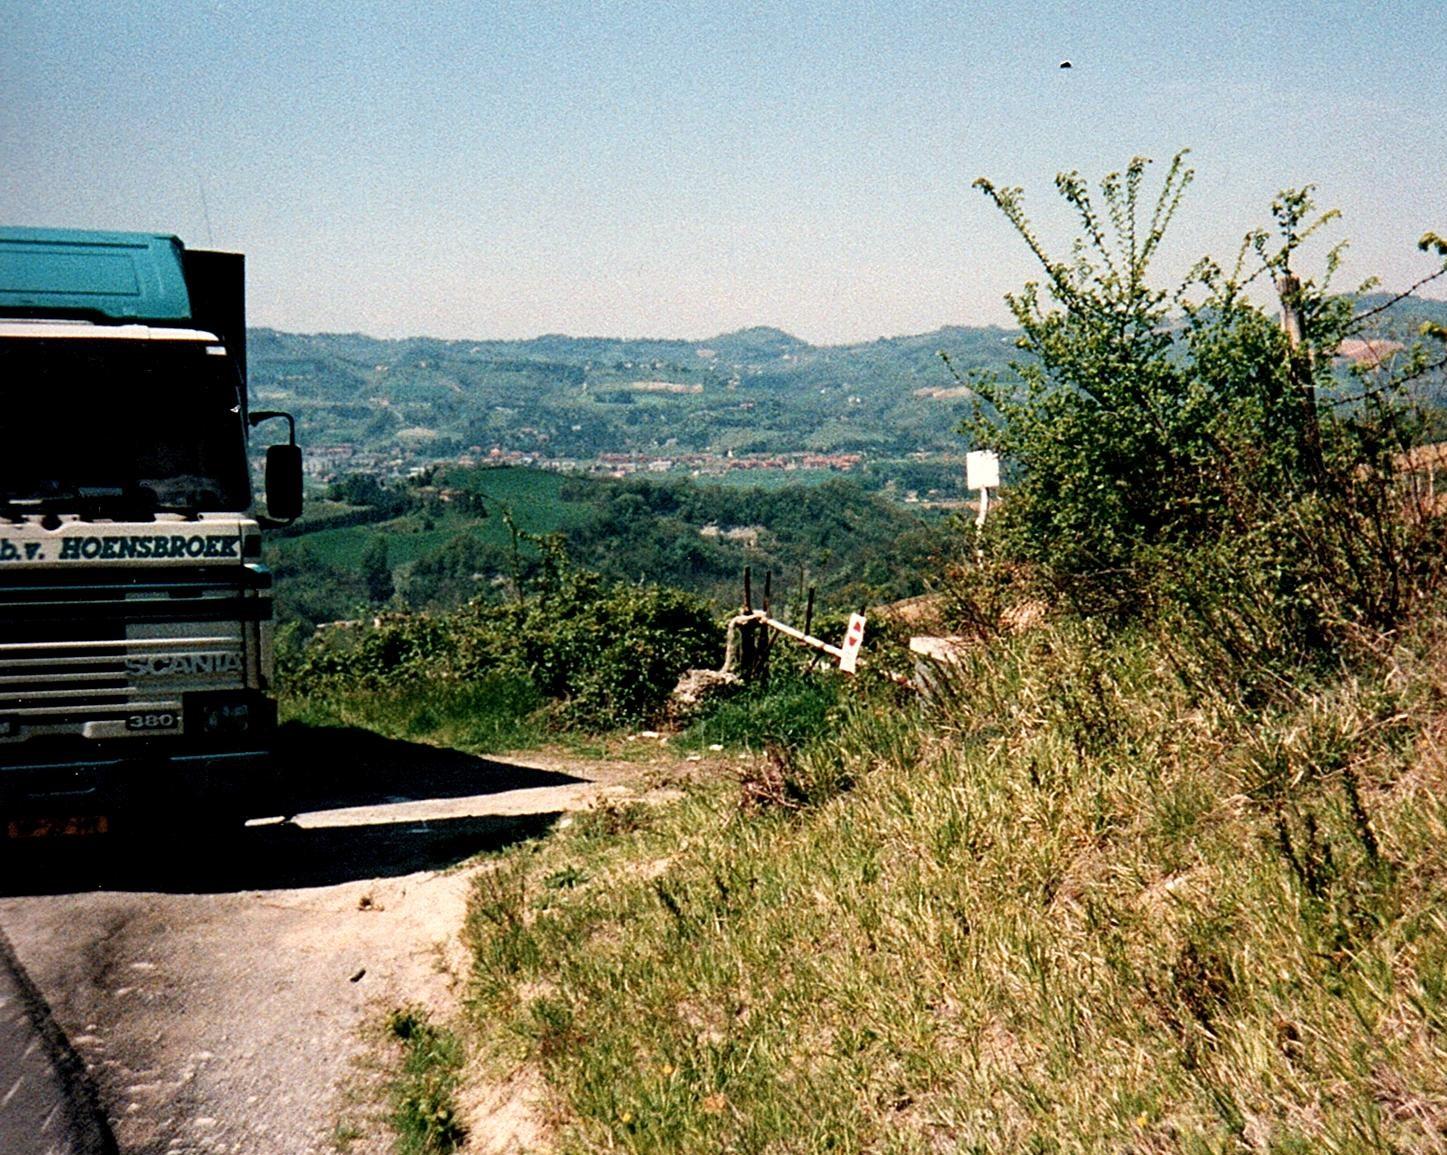 Bert-met-de-Scania-vakantie-vieren-in-Italie-28